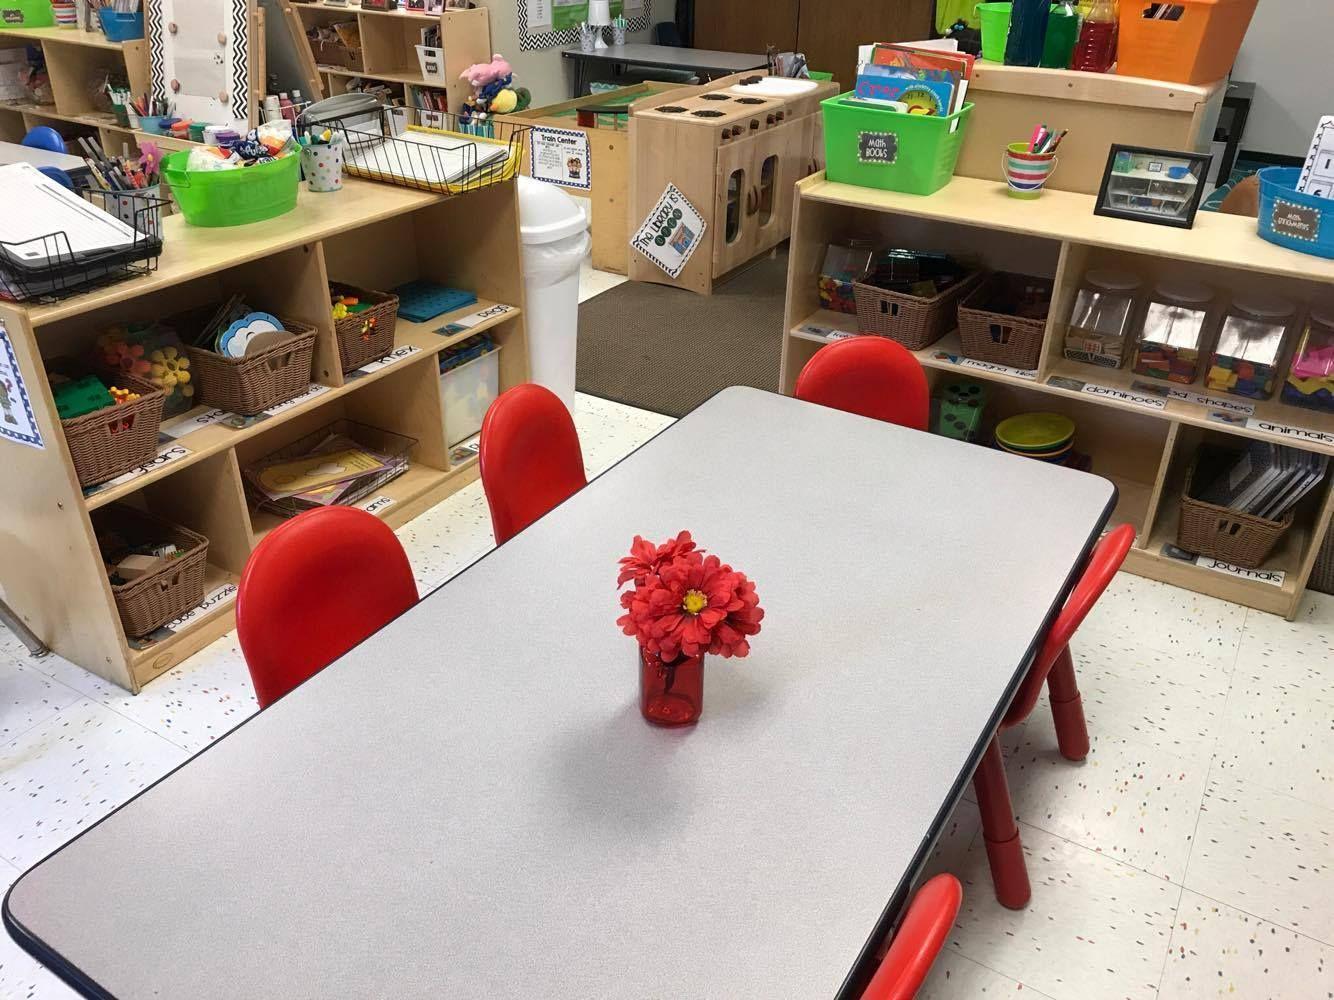 How to Set Up a Quality Preschool Classroom #preschoolclassroomsetup